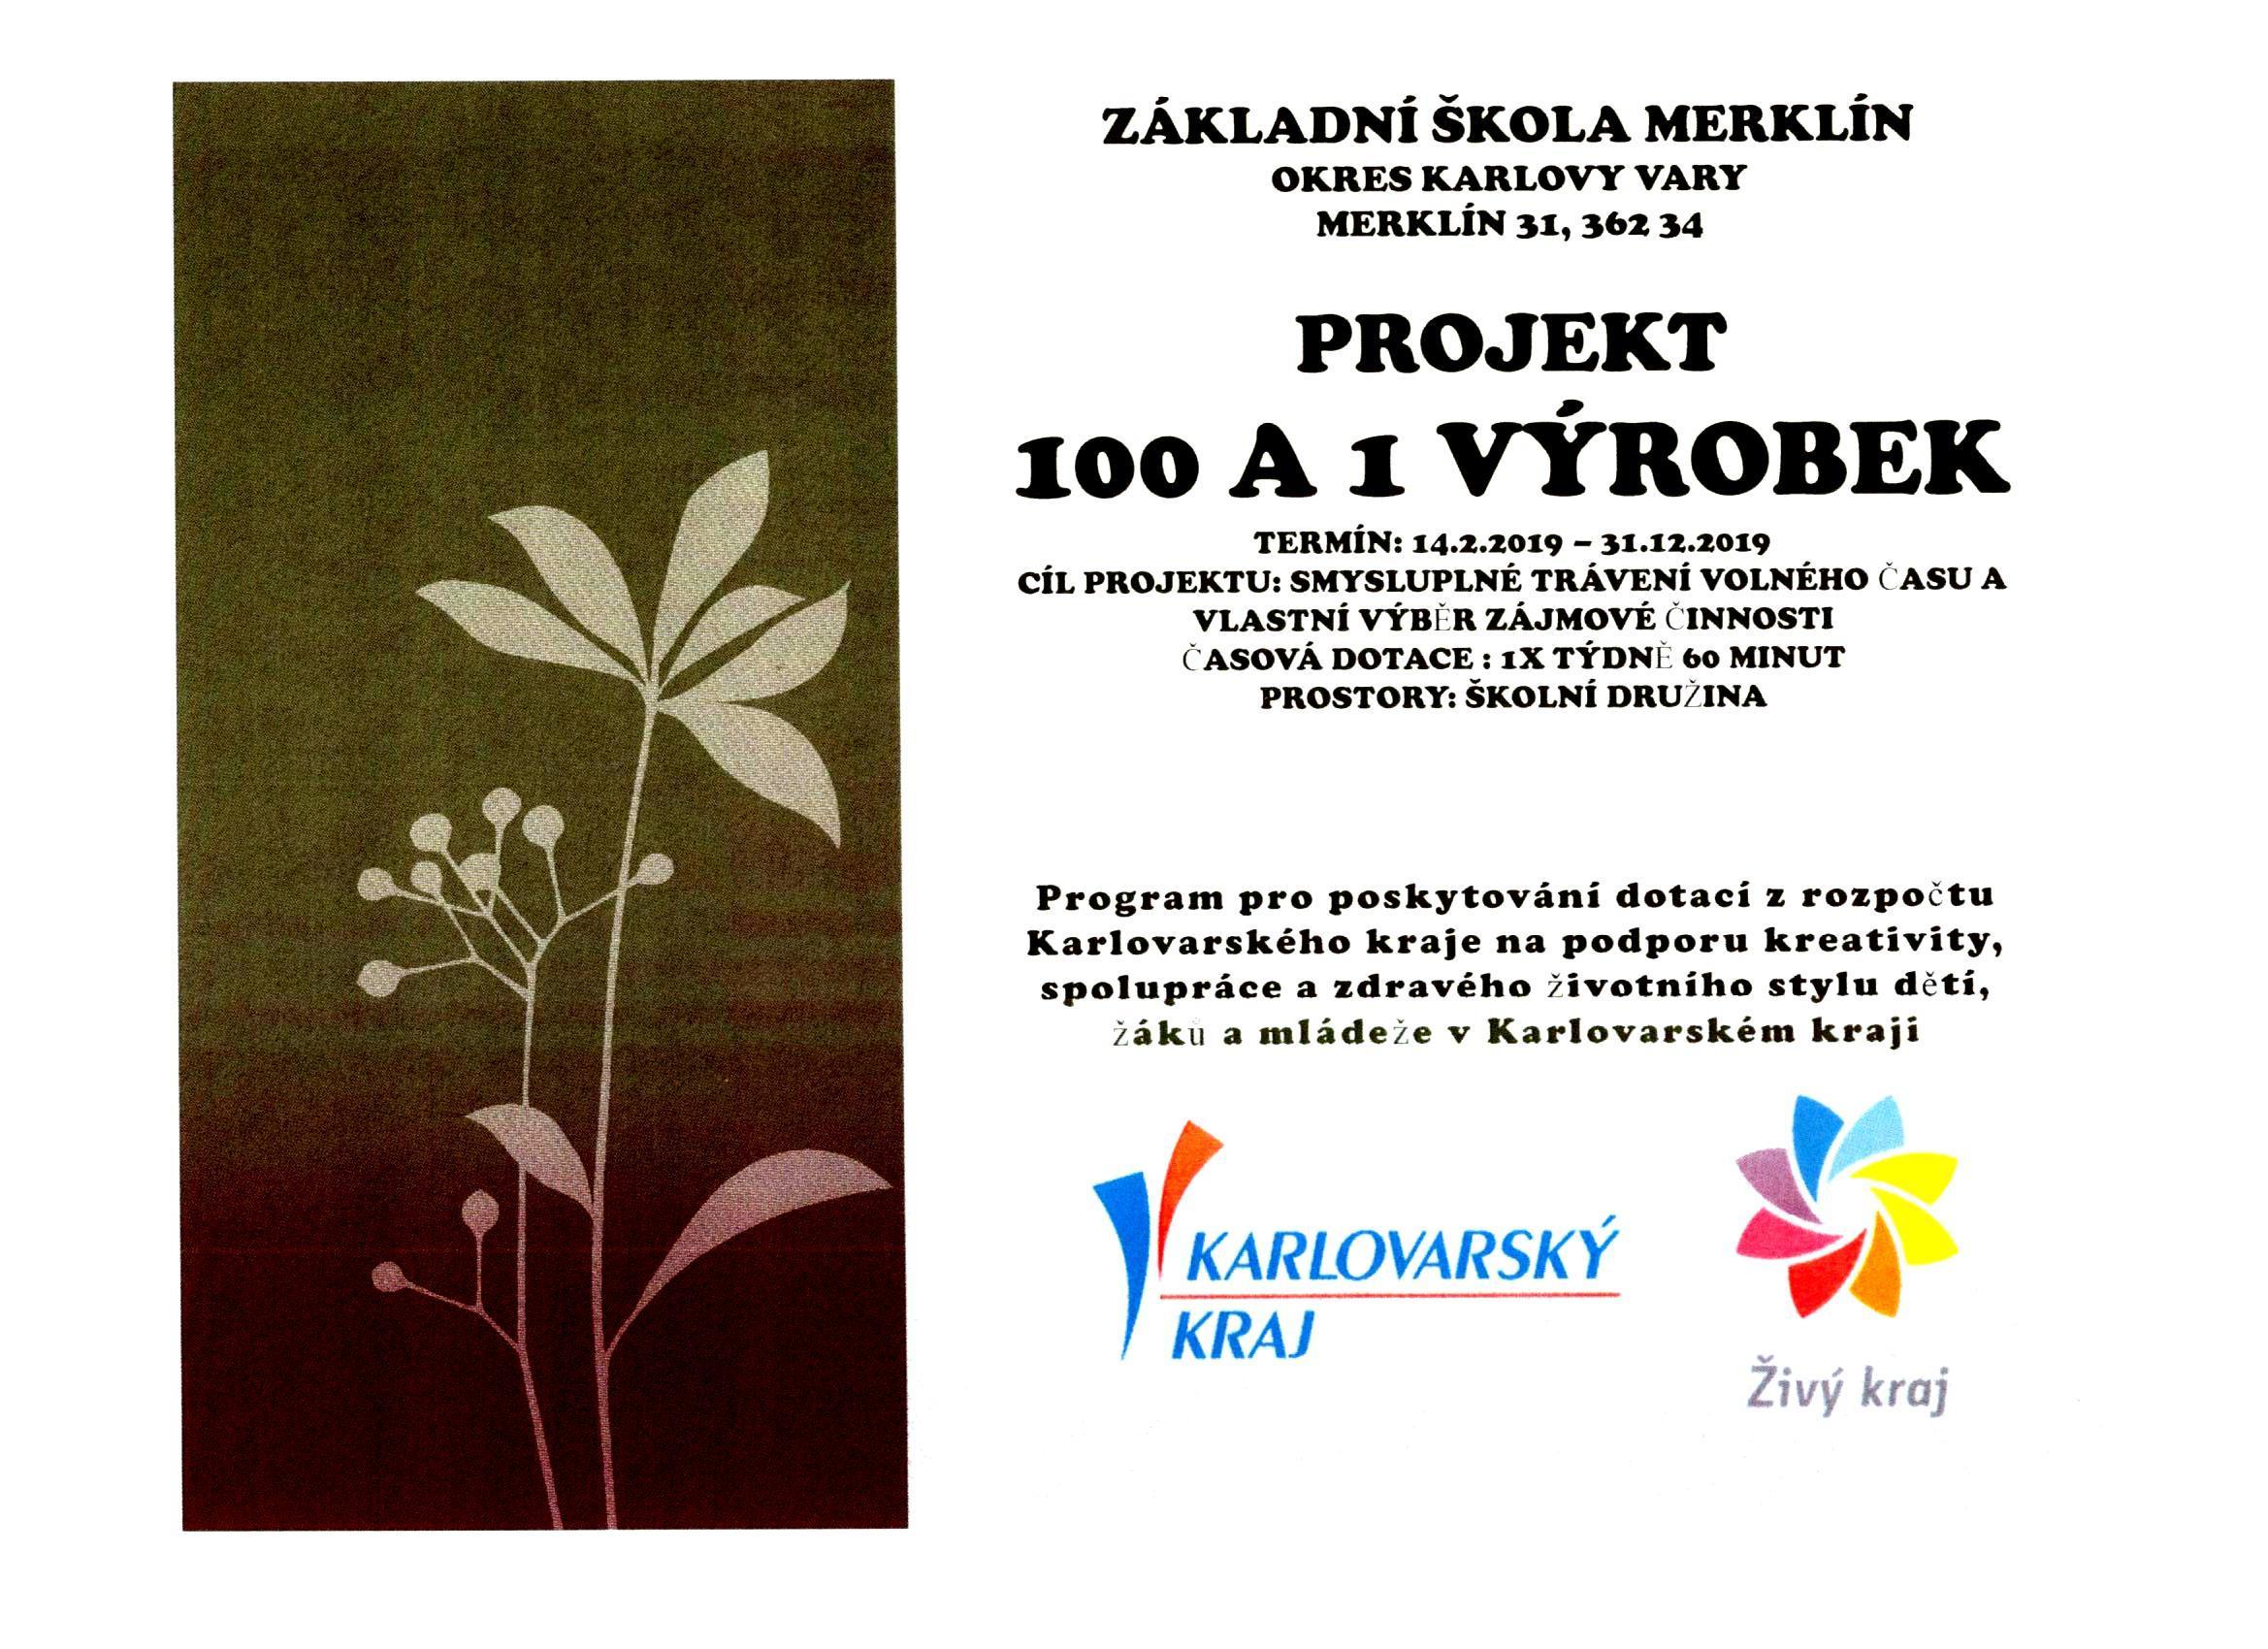 Projekt 100 a 1 výrobek